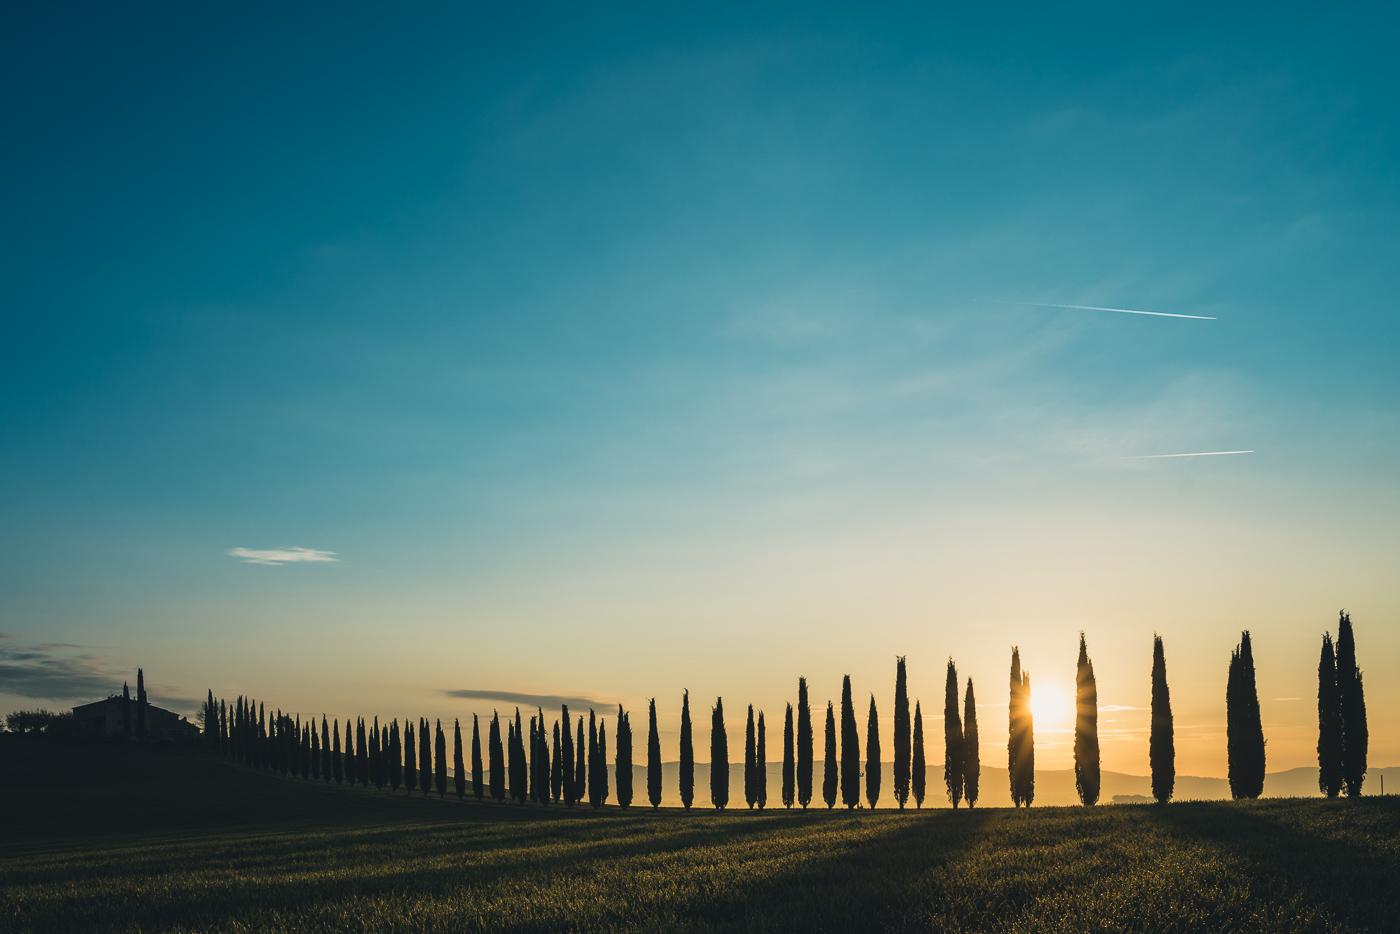 """Sony a7R II. Agriturismo """"Poggio Covili"""", San Quirico d'Orcia, Siena, Toscana."""